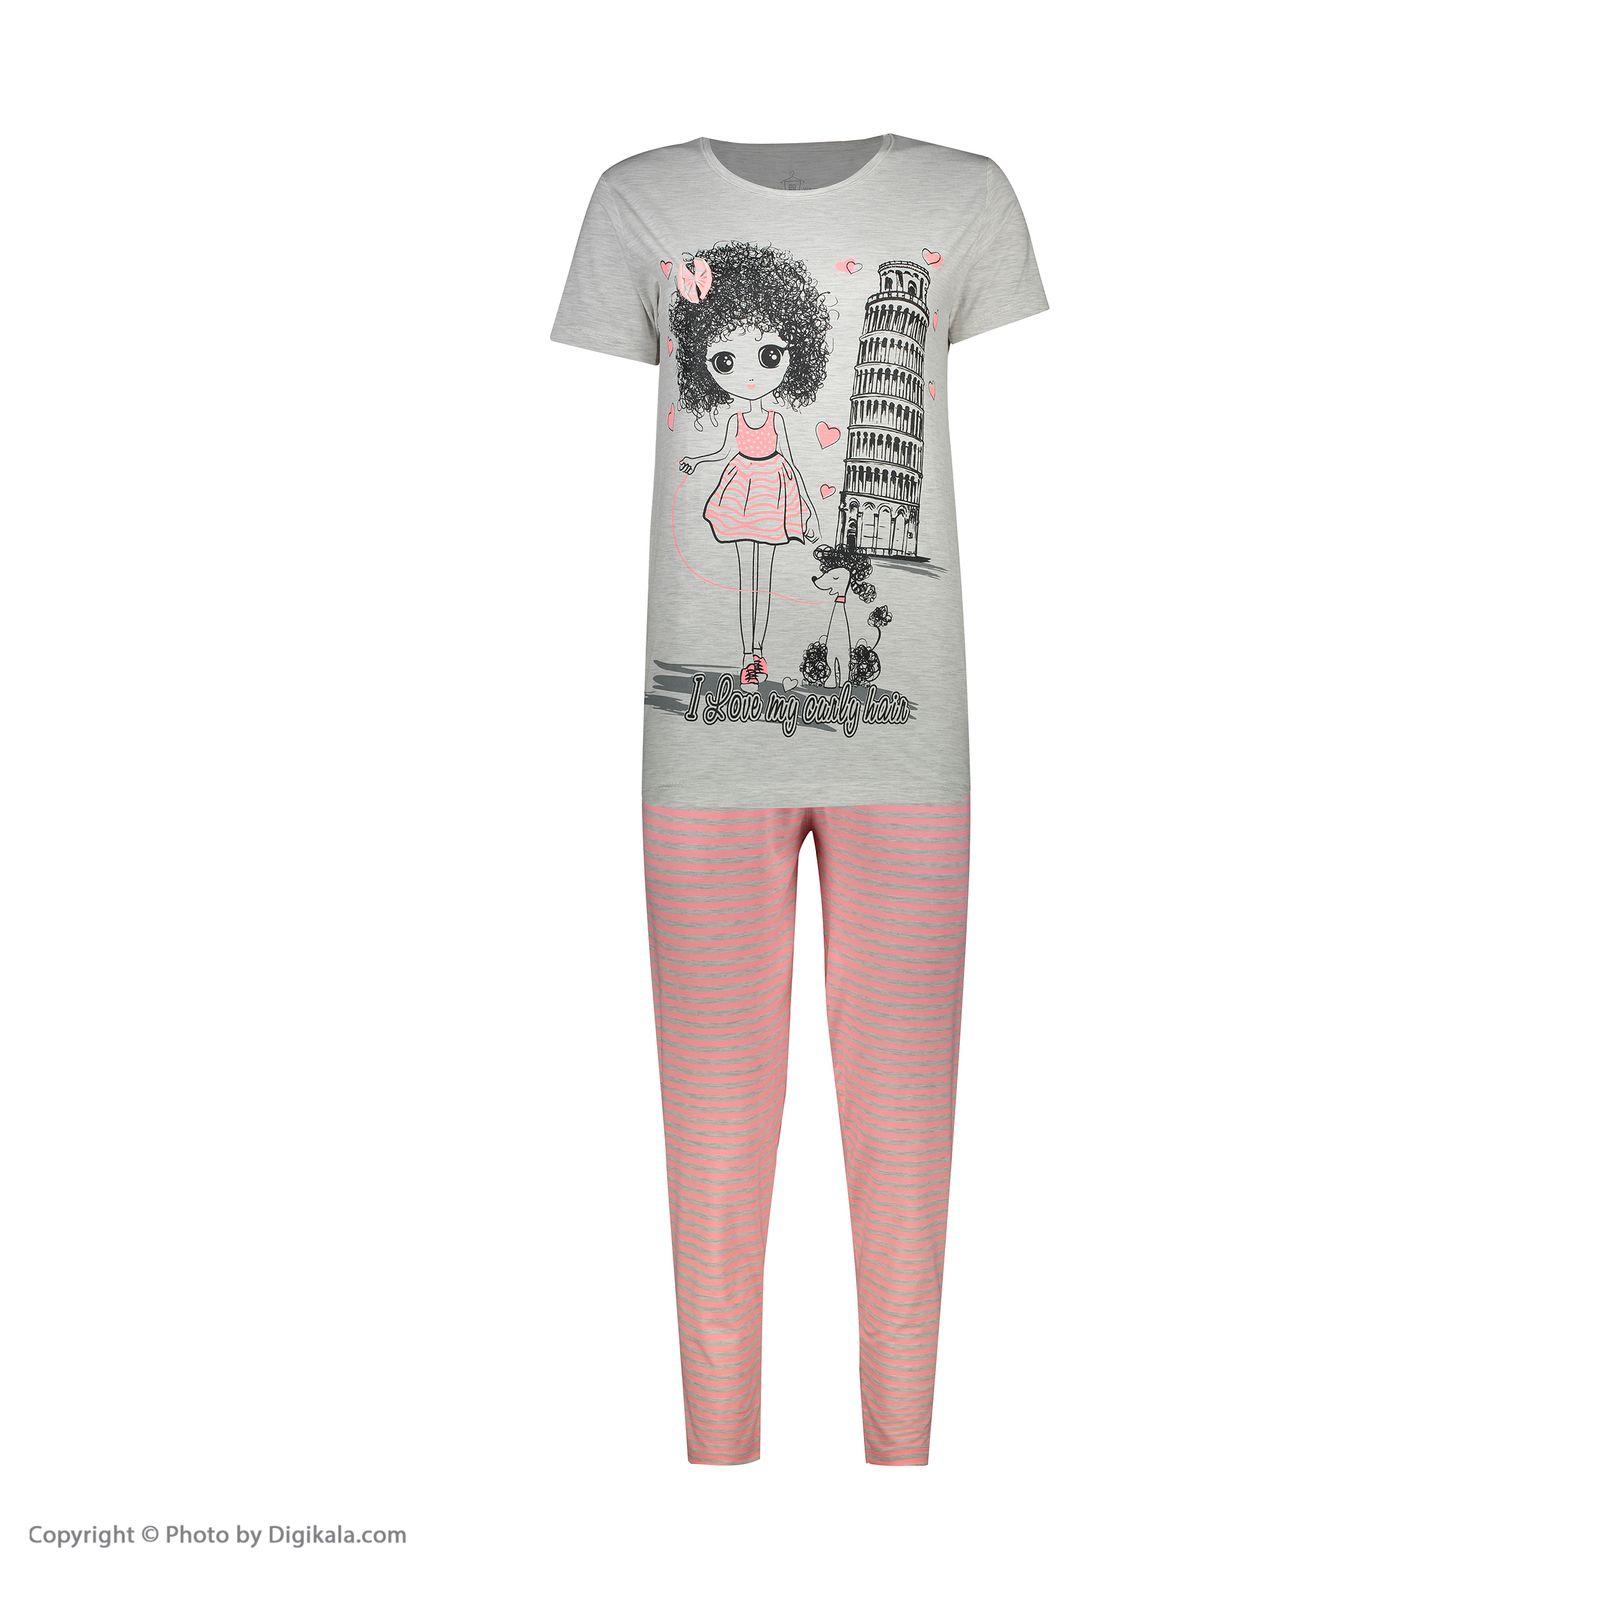 ست تی شرت و شلوار زنانه فمیلی ور طرح دخترکد 0224 -  - 6